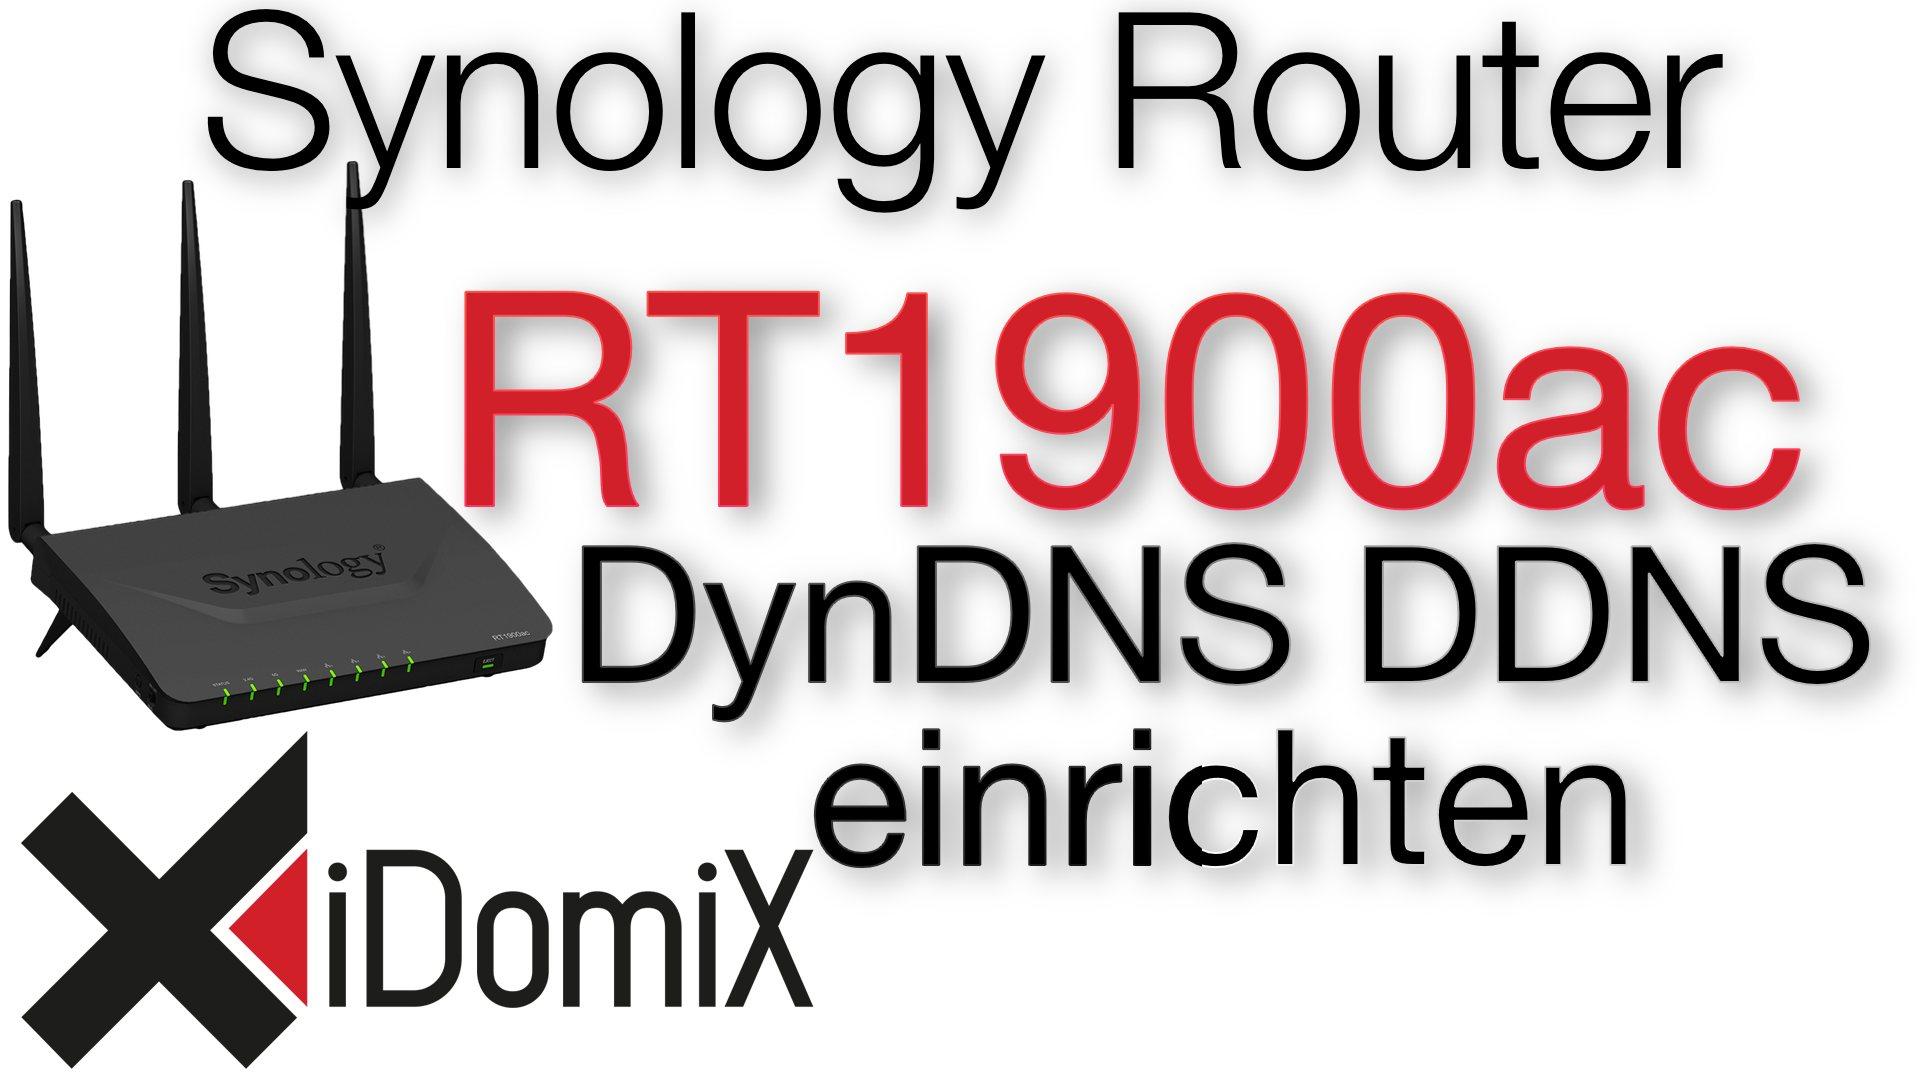 Synology Router RT1900ac DDNS Dynamic DNS einrichten Zugriff über das Internet